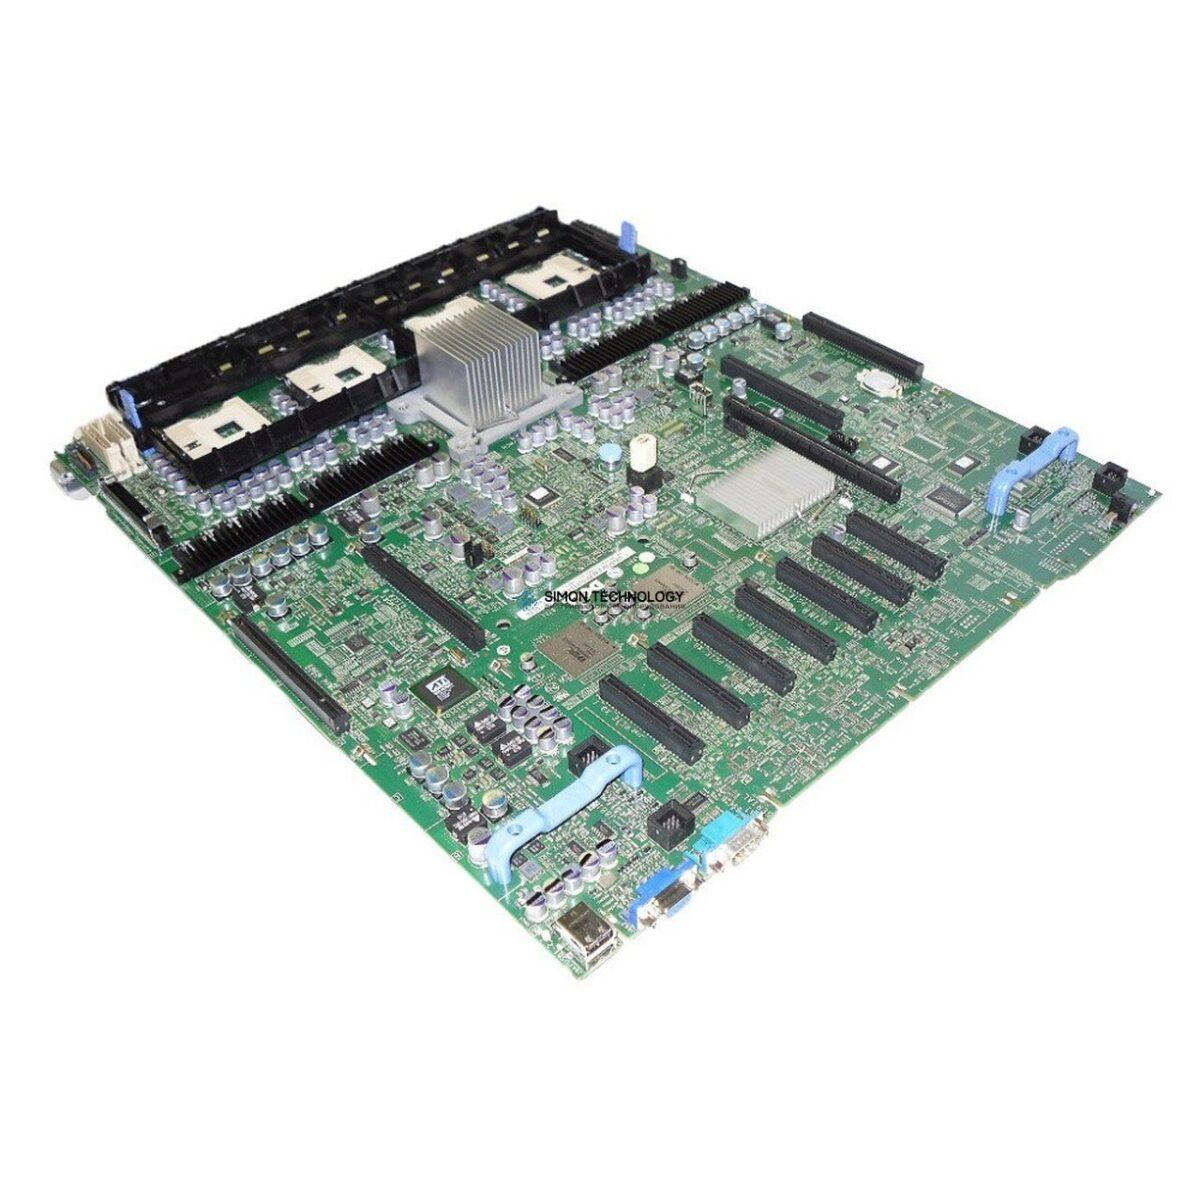 Dell DELL PER900 SYSTEM BOARD (0RV9C7)